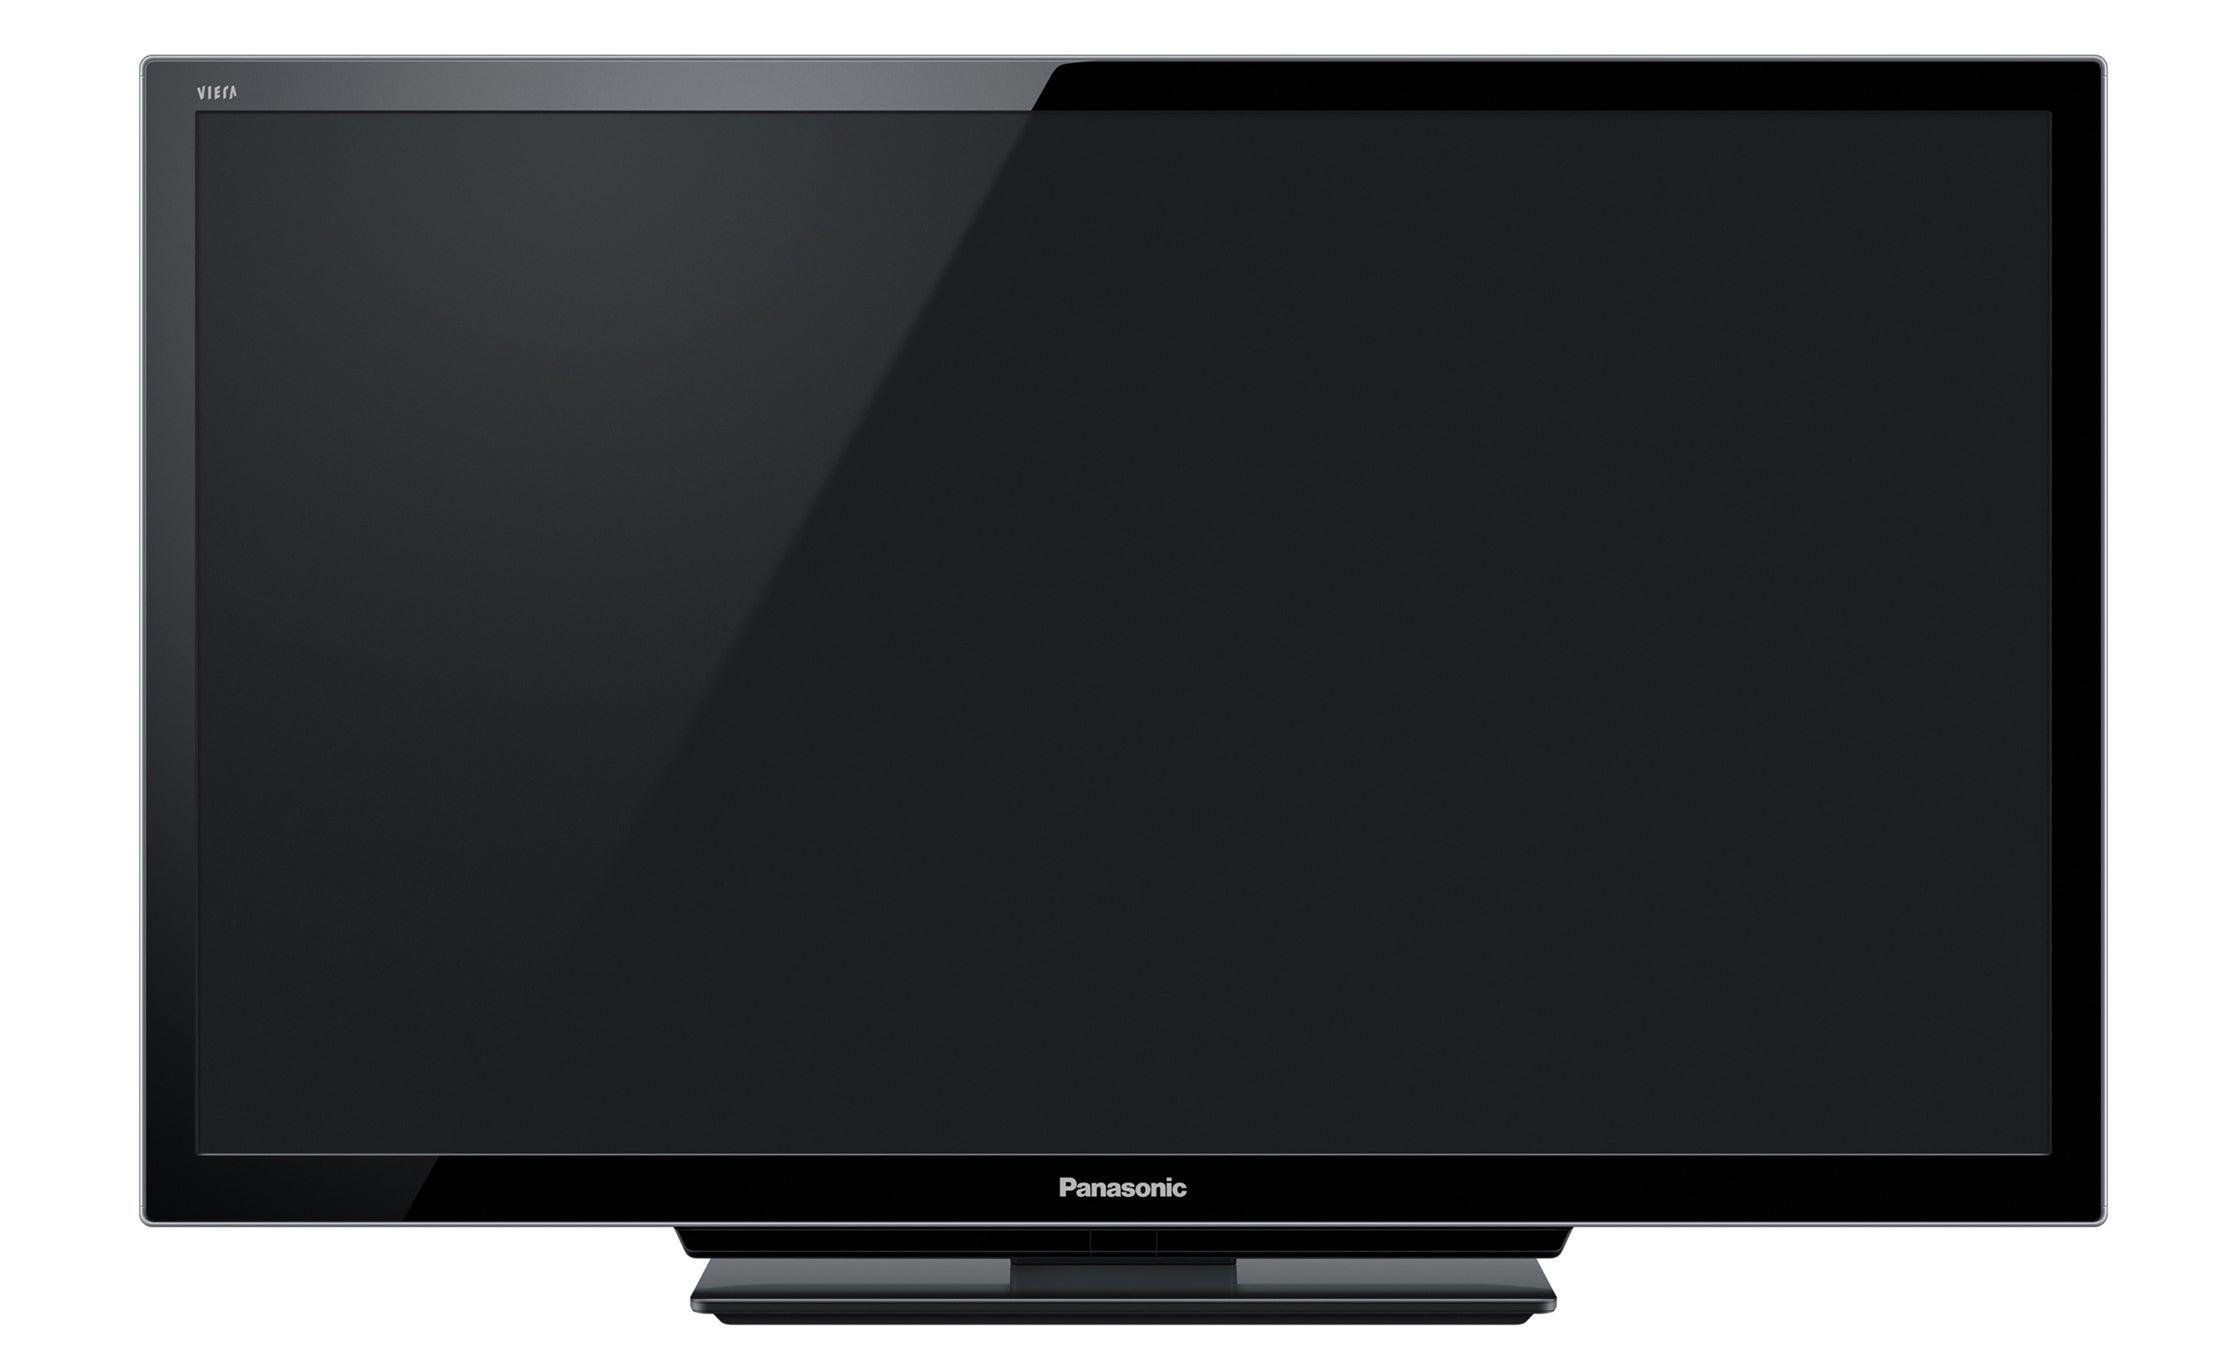 Panasonic 37